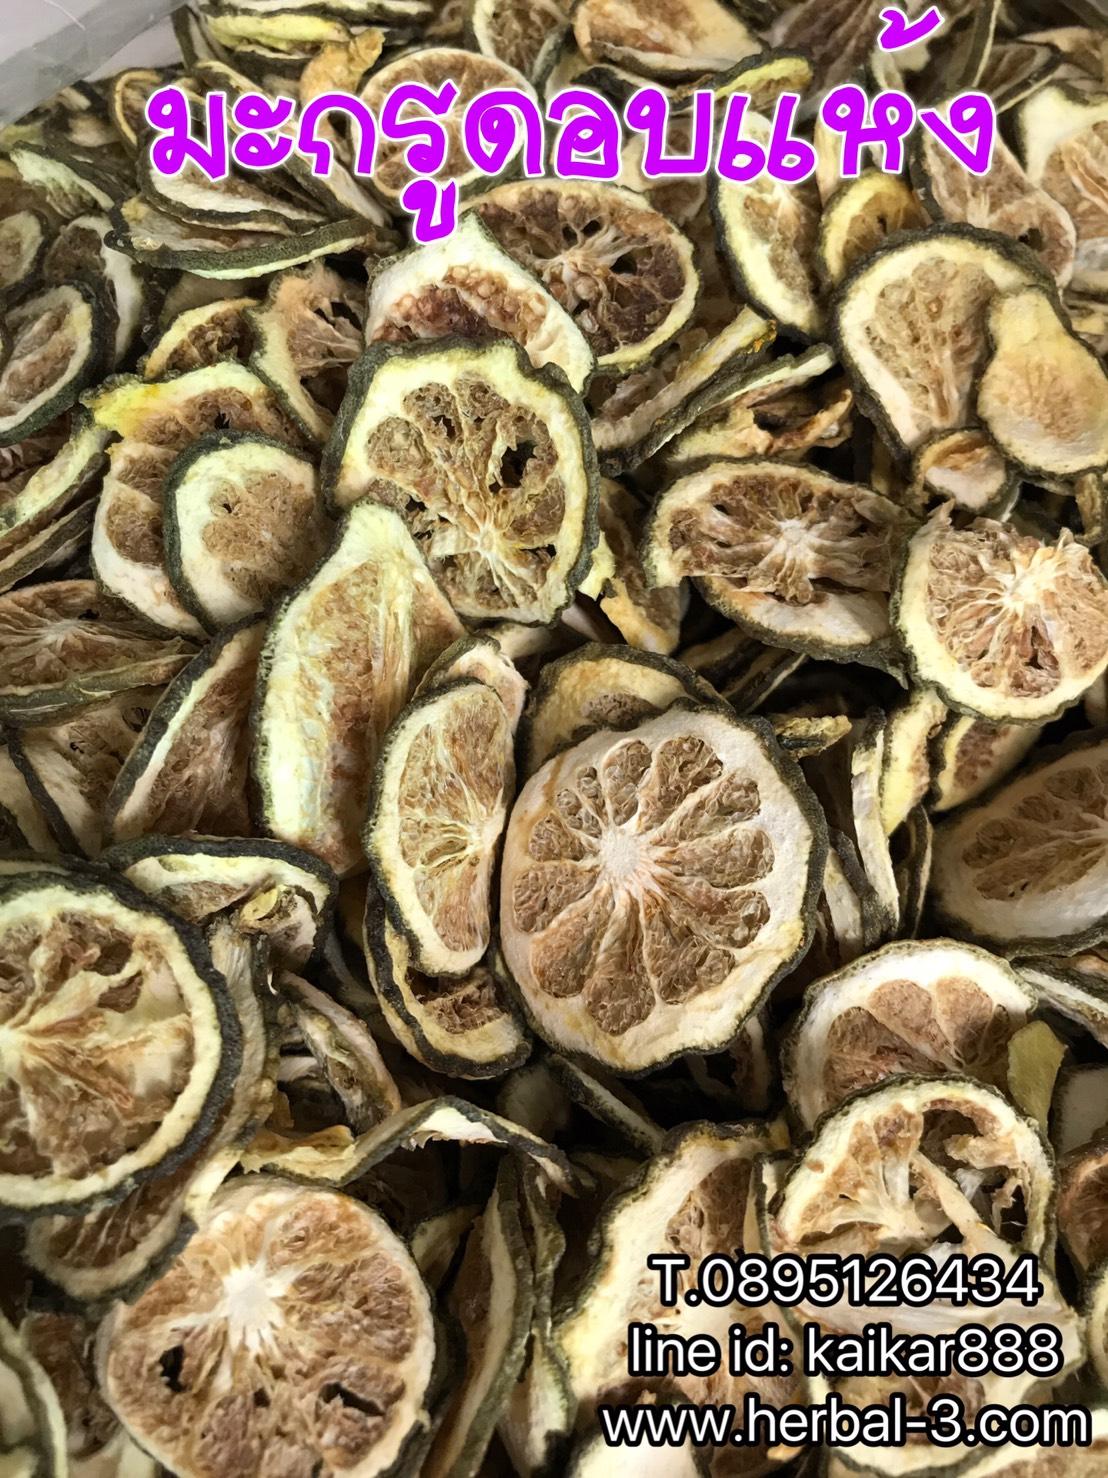 ขายส่งมะกรูดอบแห้ง (กิโล)